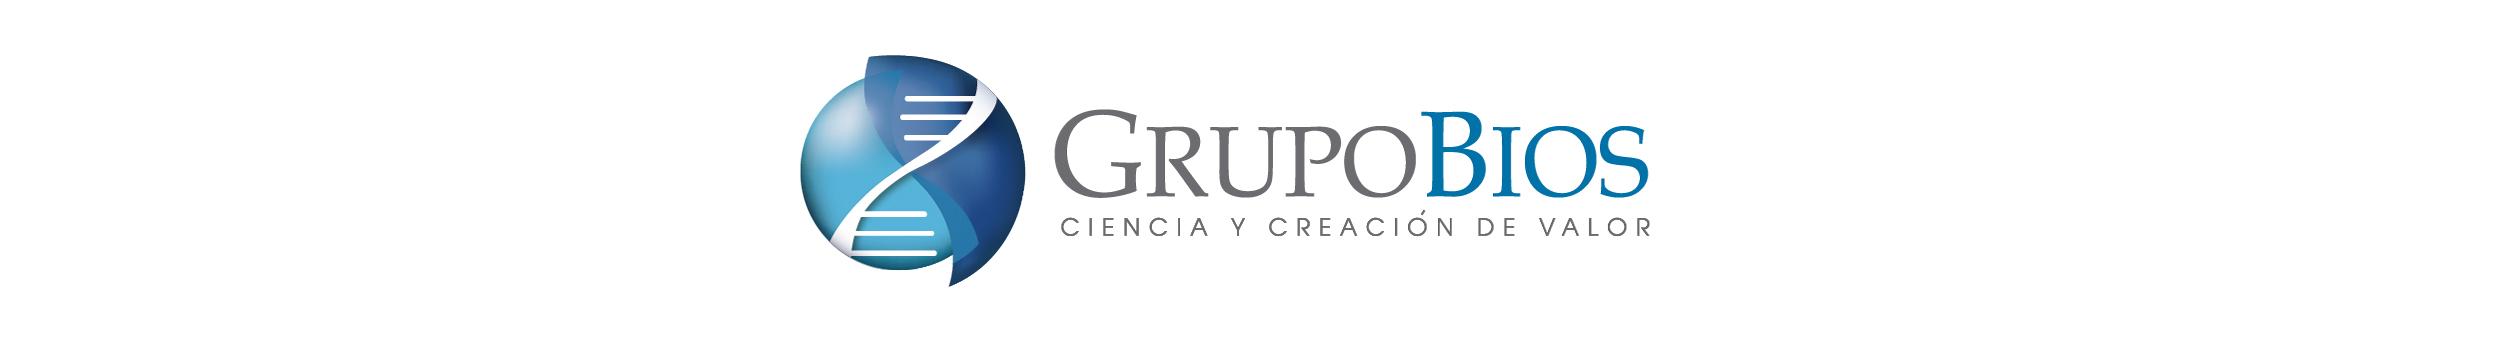 GrupoBios logo